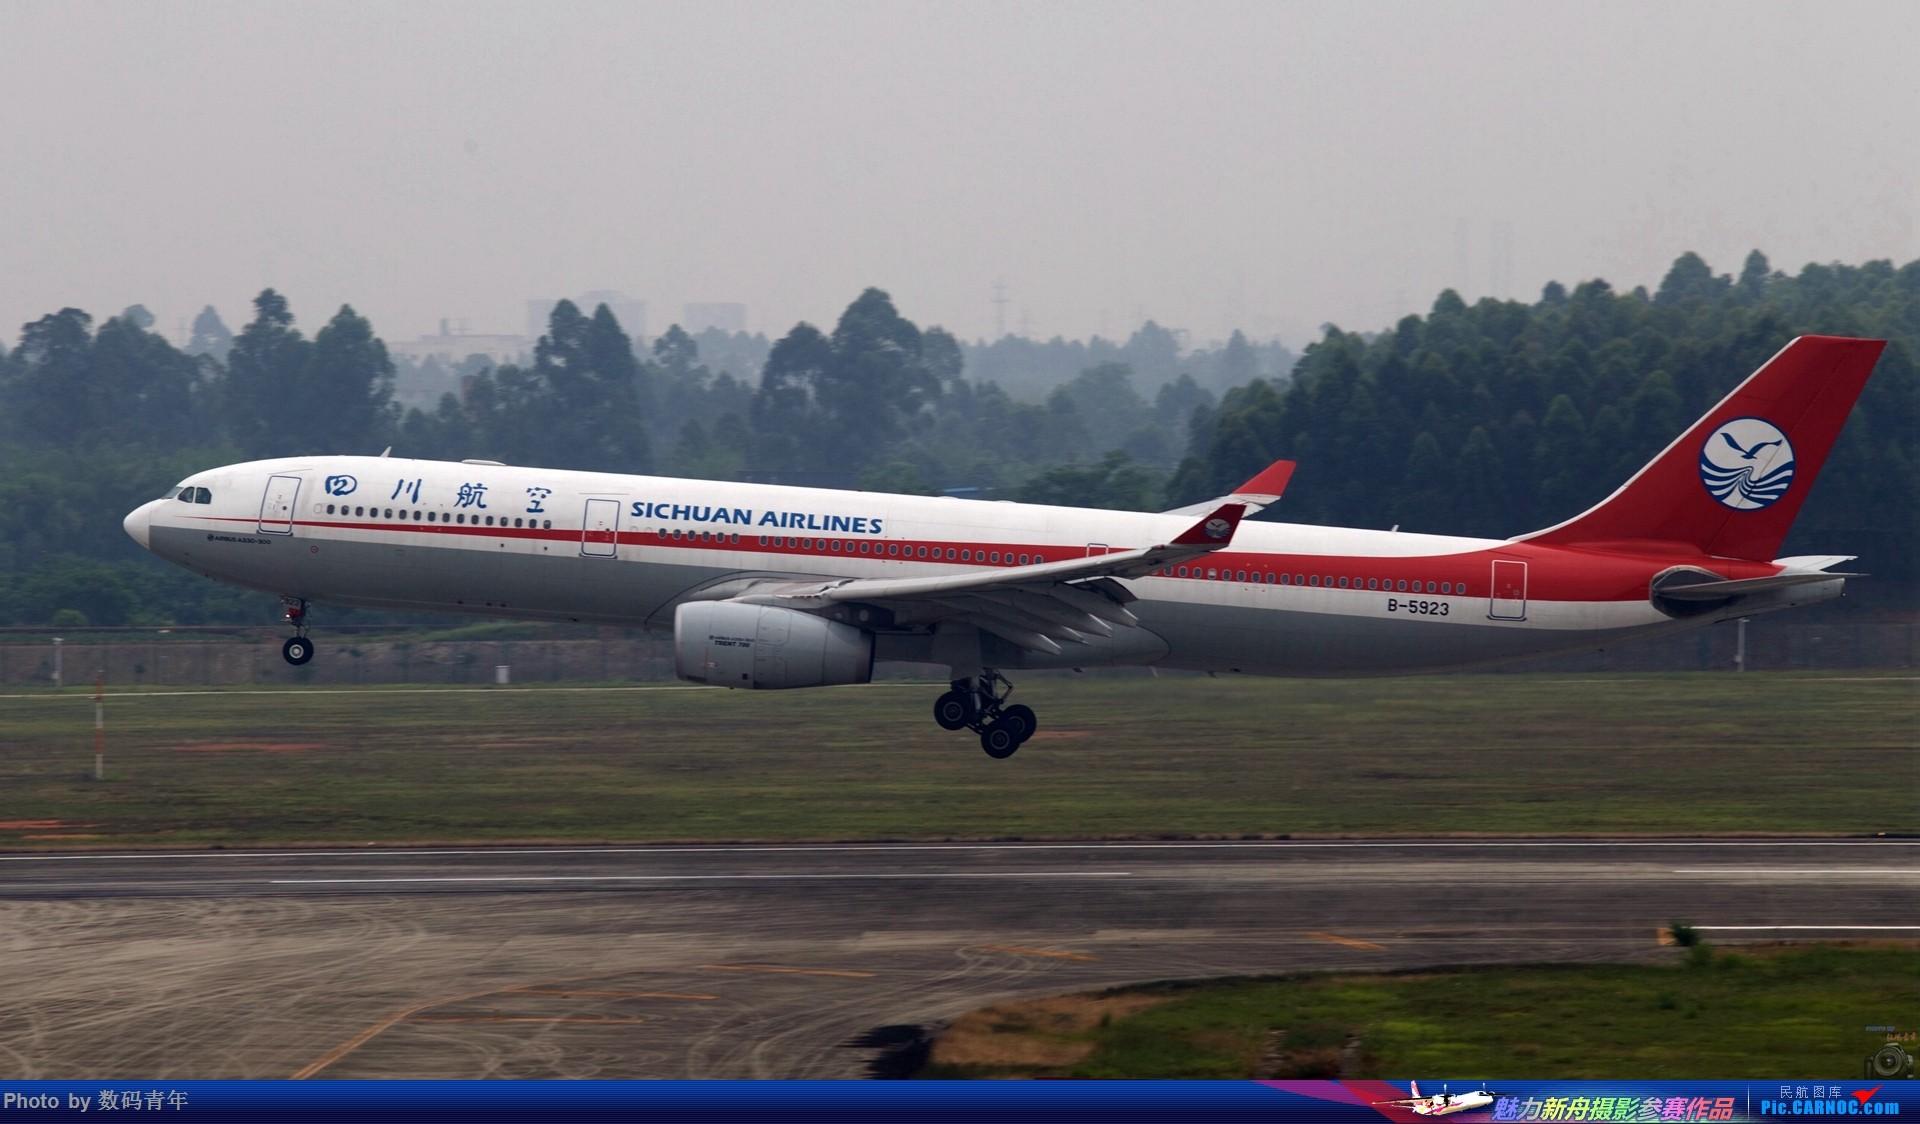 Re:[原创]重出江湖【CTU】2015.5.17打飞机 AIRBUS A330-300 B-5923 中国成都双流国际机场